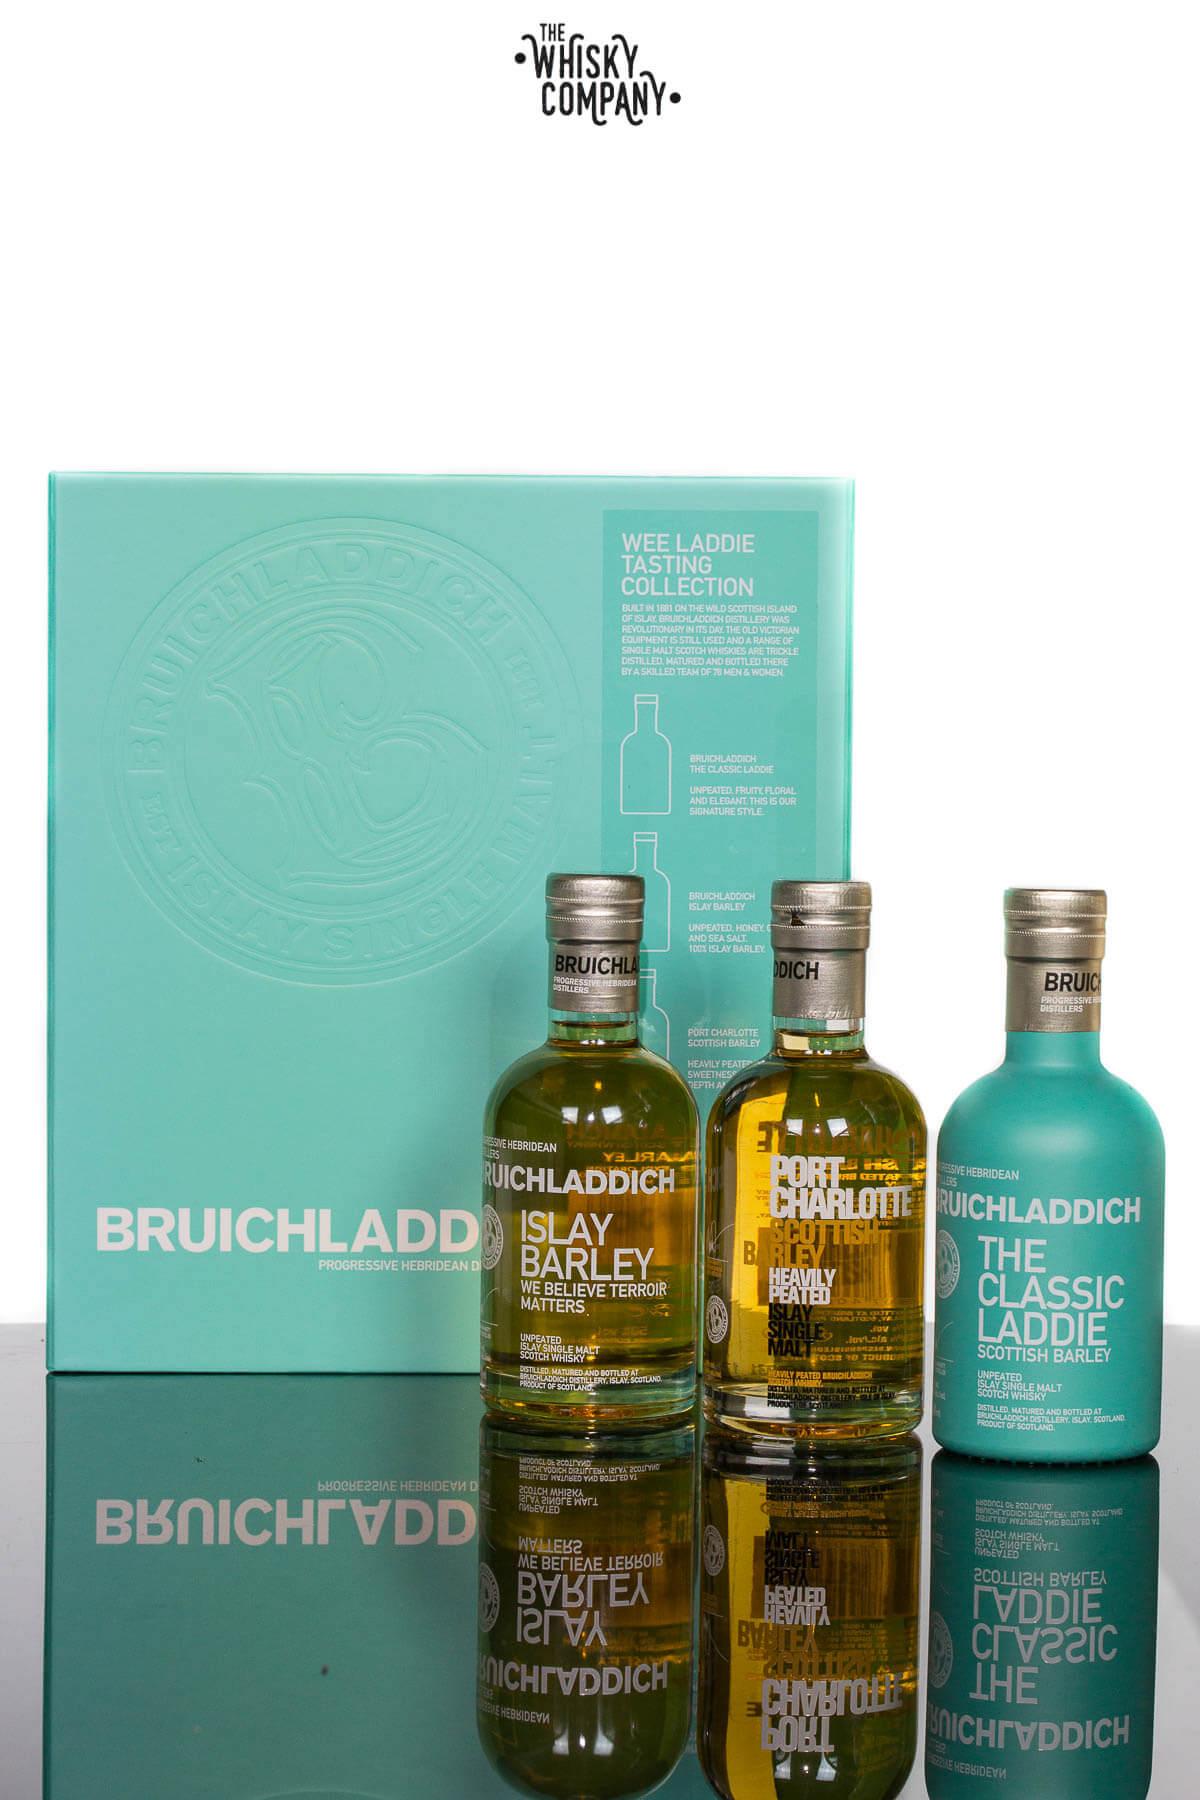 Bruichladdich Wee Laddie Tasting Collection (3 x 200ml)